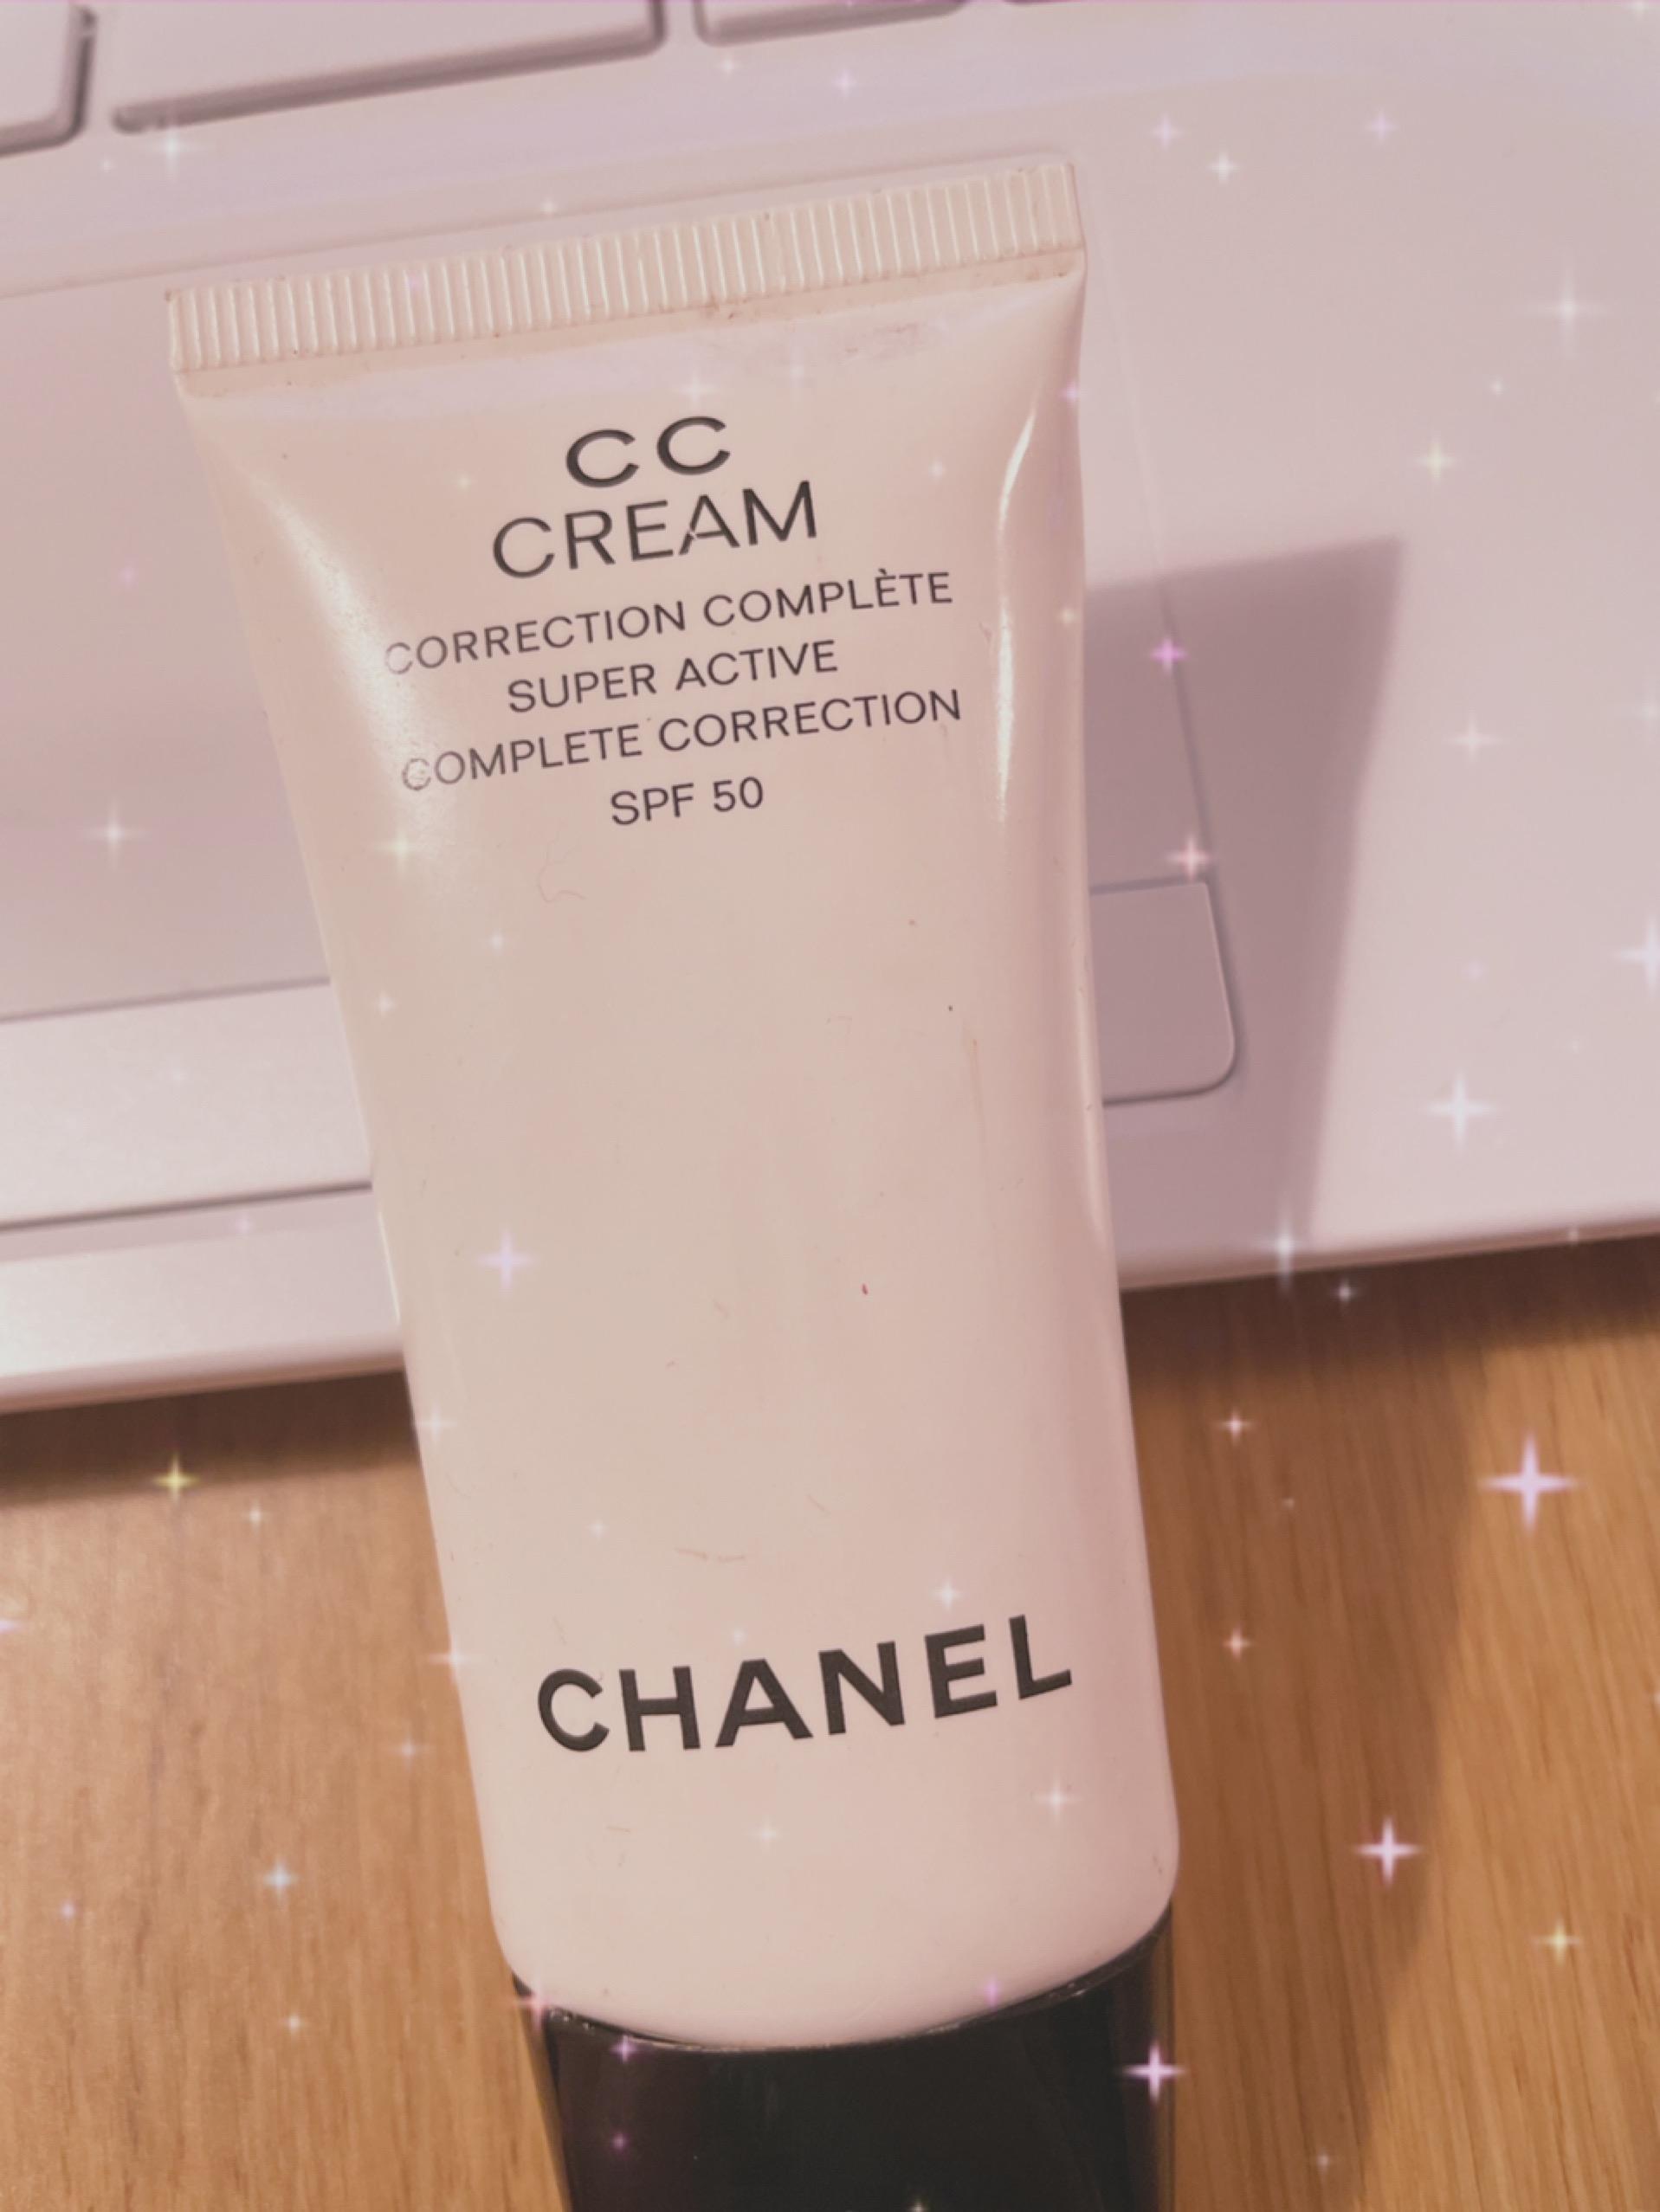 CHANEL(シャネル)CC クリーム Nを使ったひよこさんさんのクチコミ画像1